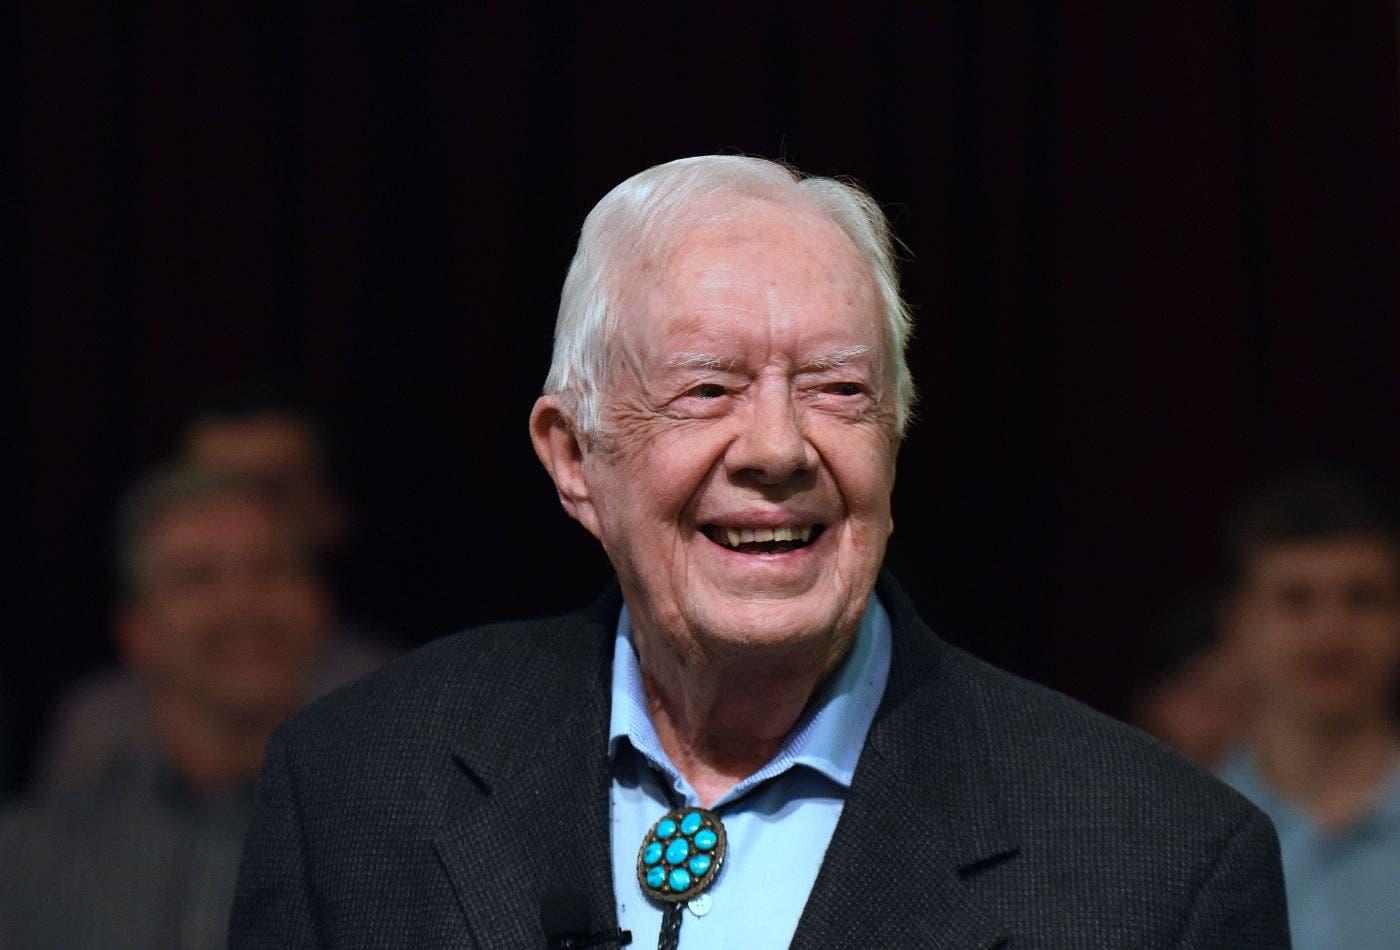 Expresidente de EE.UU. Jimmy Carter se fractura su pelvis al caerse en casa